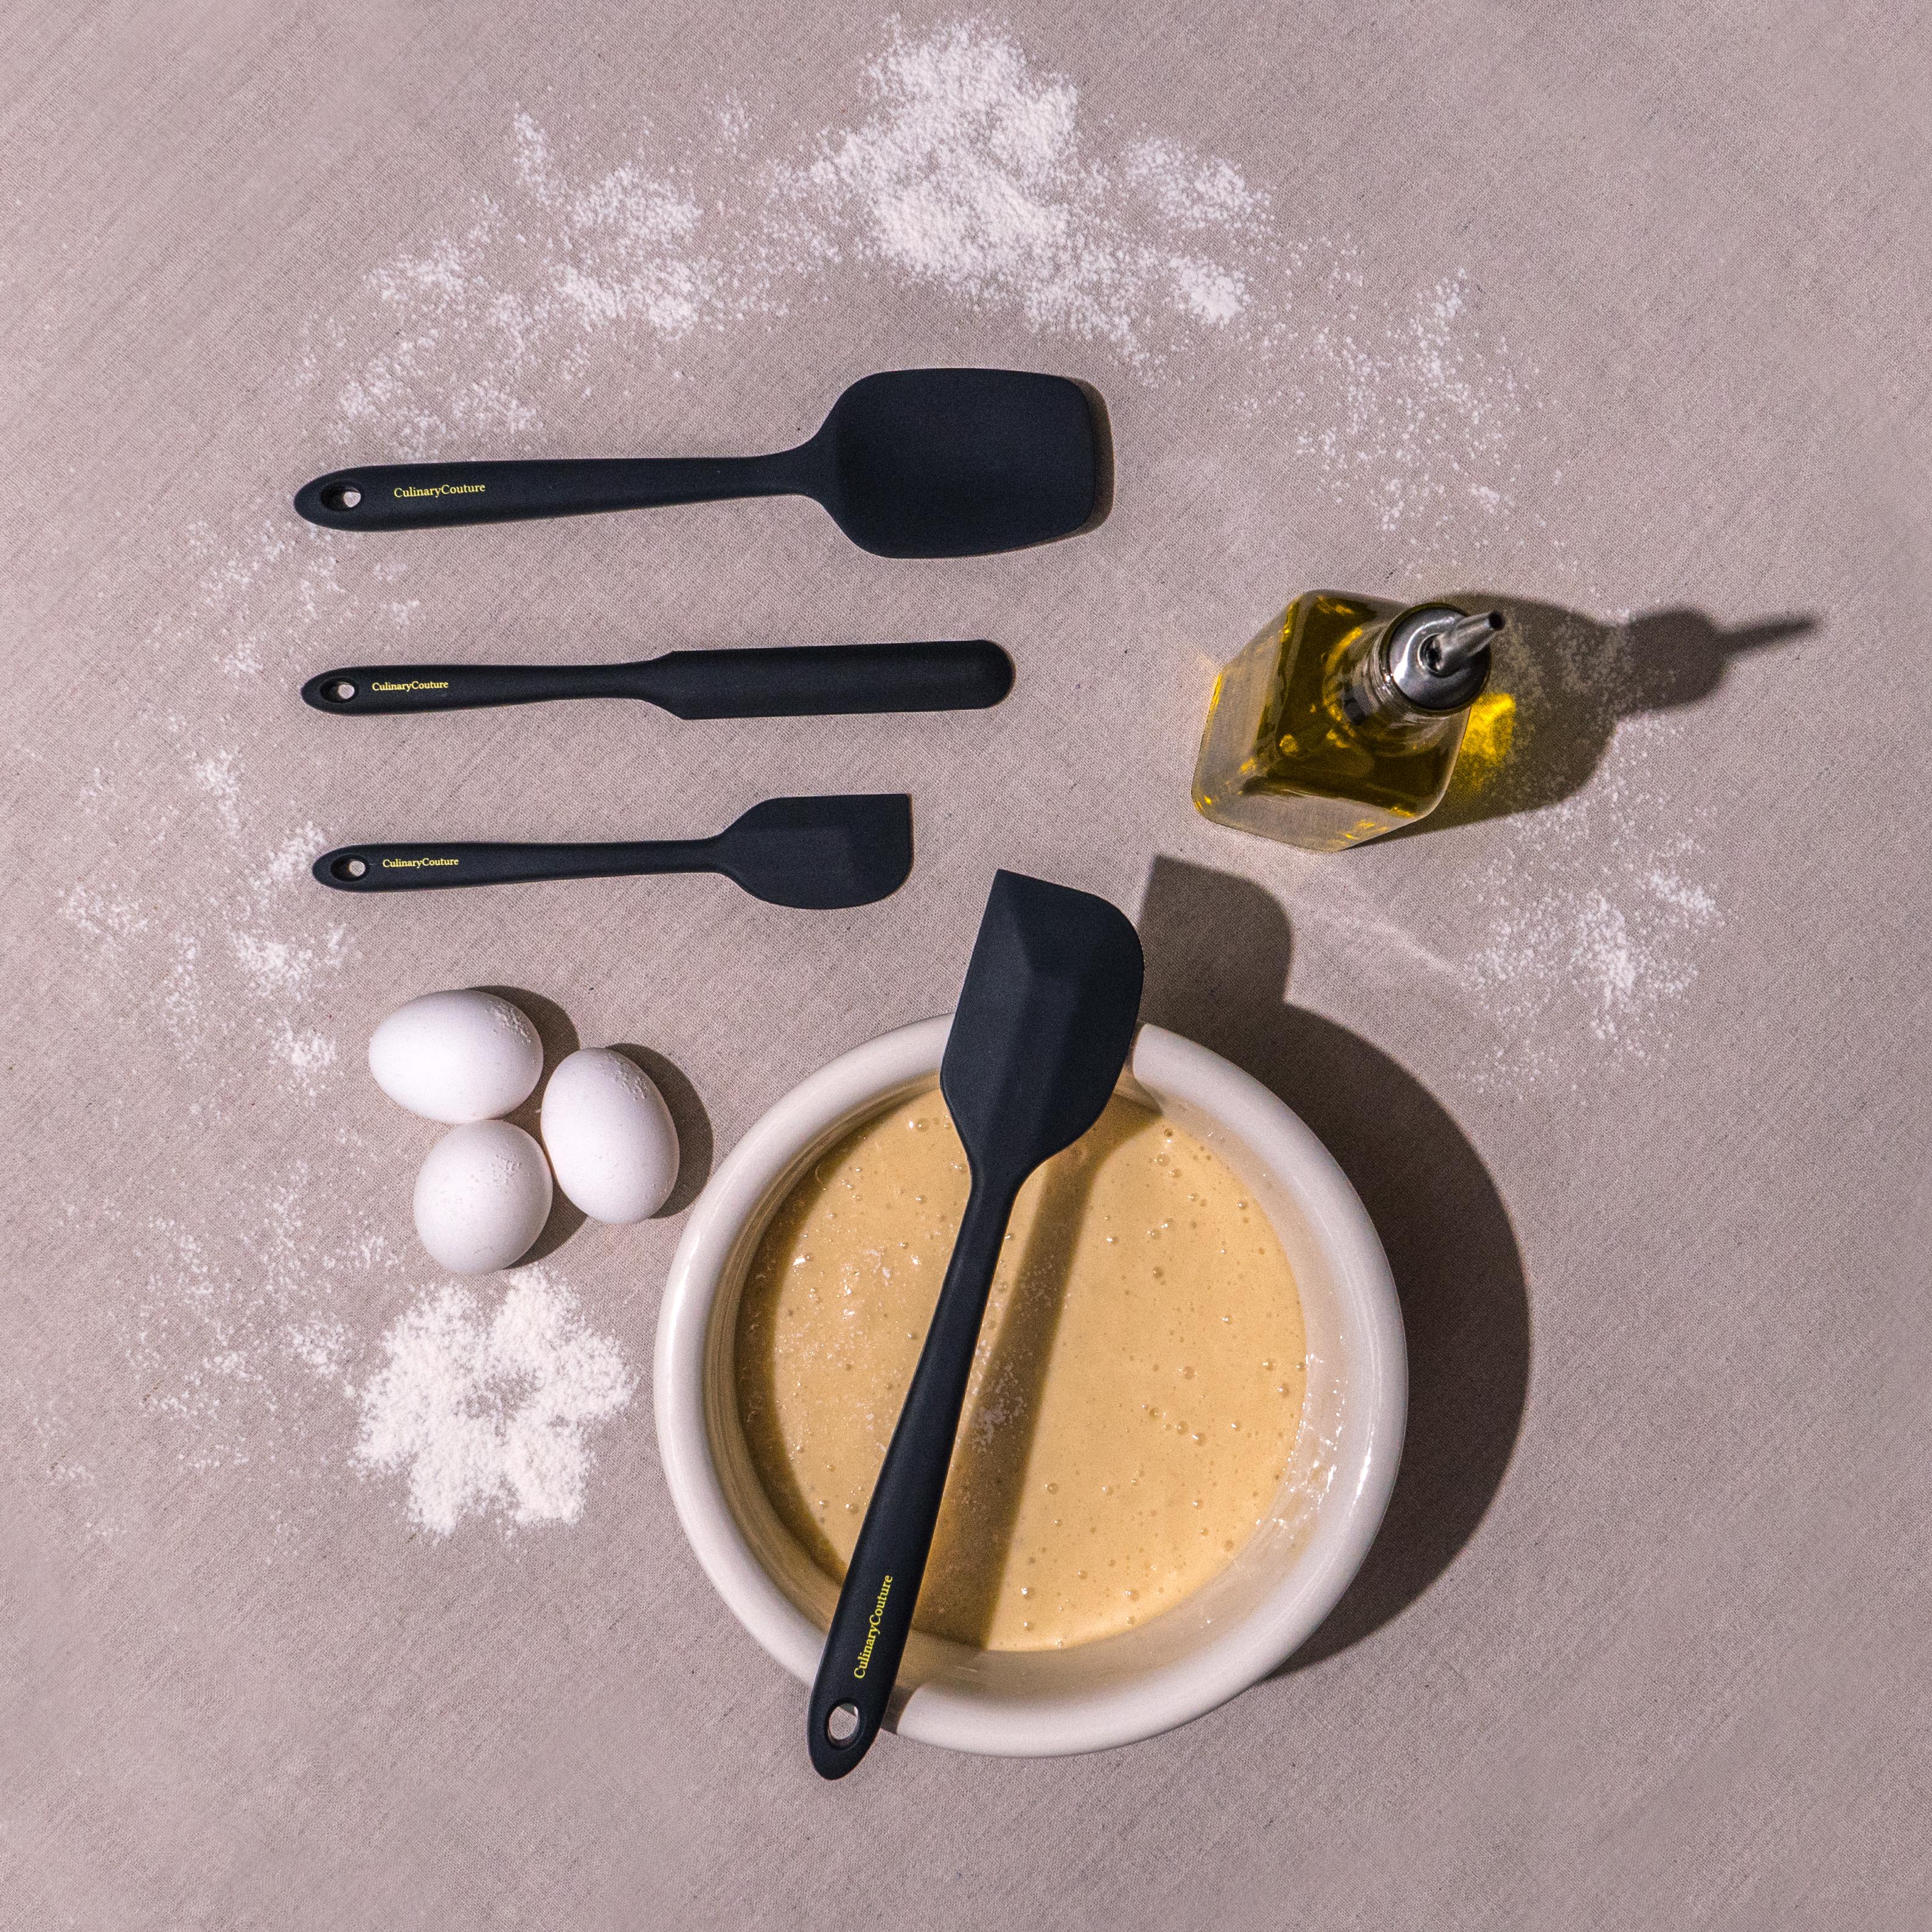 Pancake Batter Spatula Set